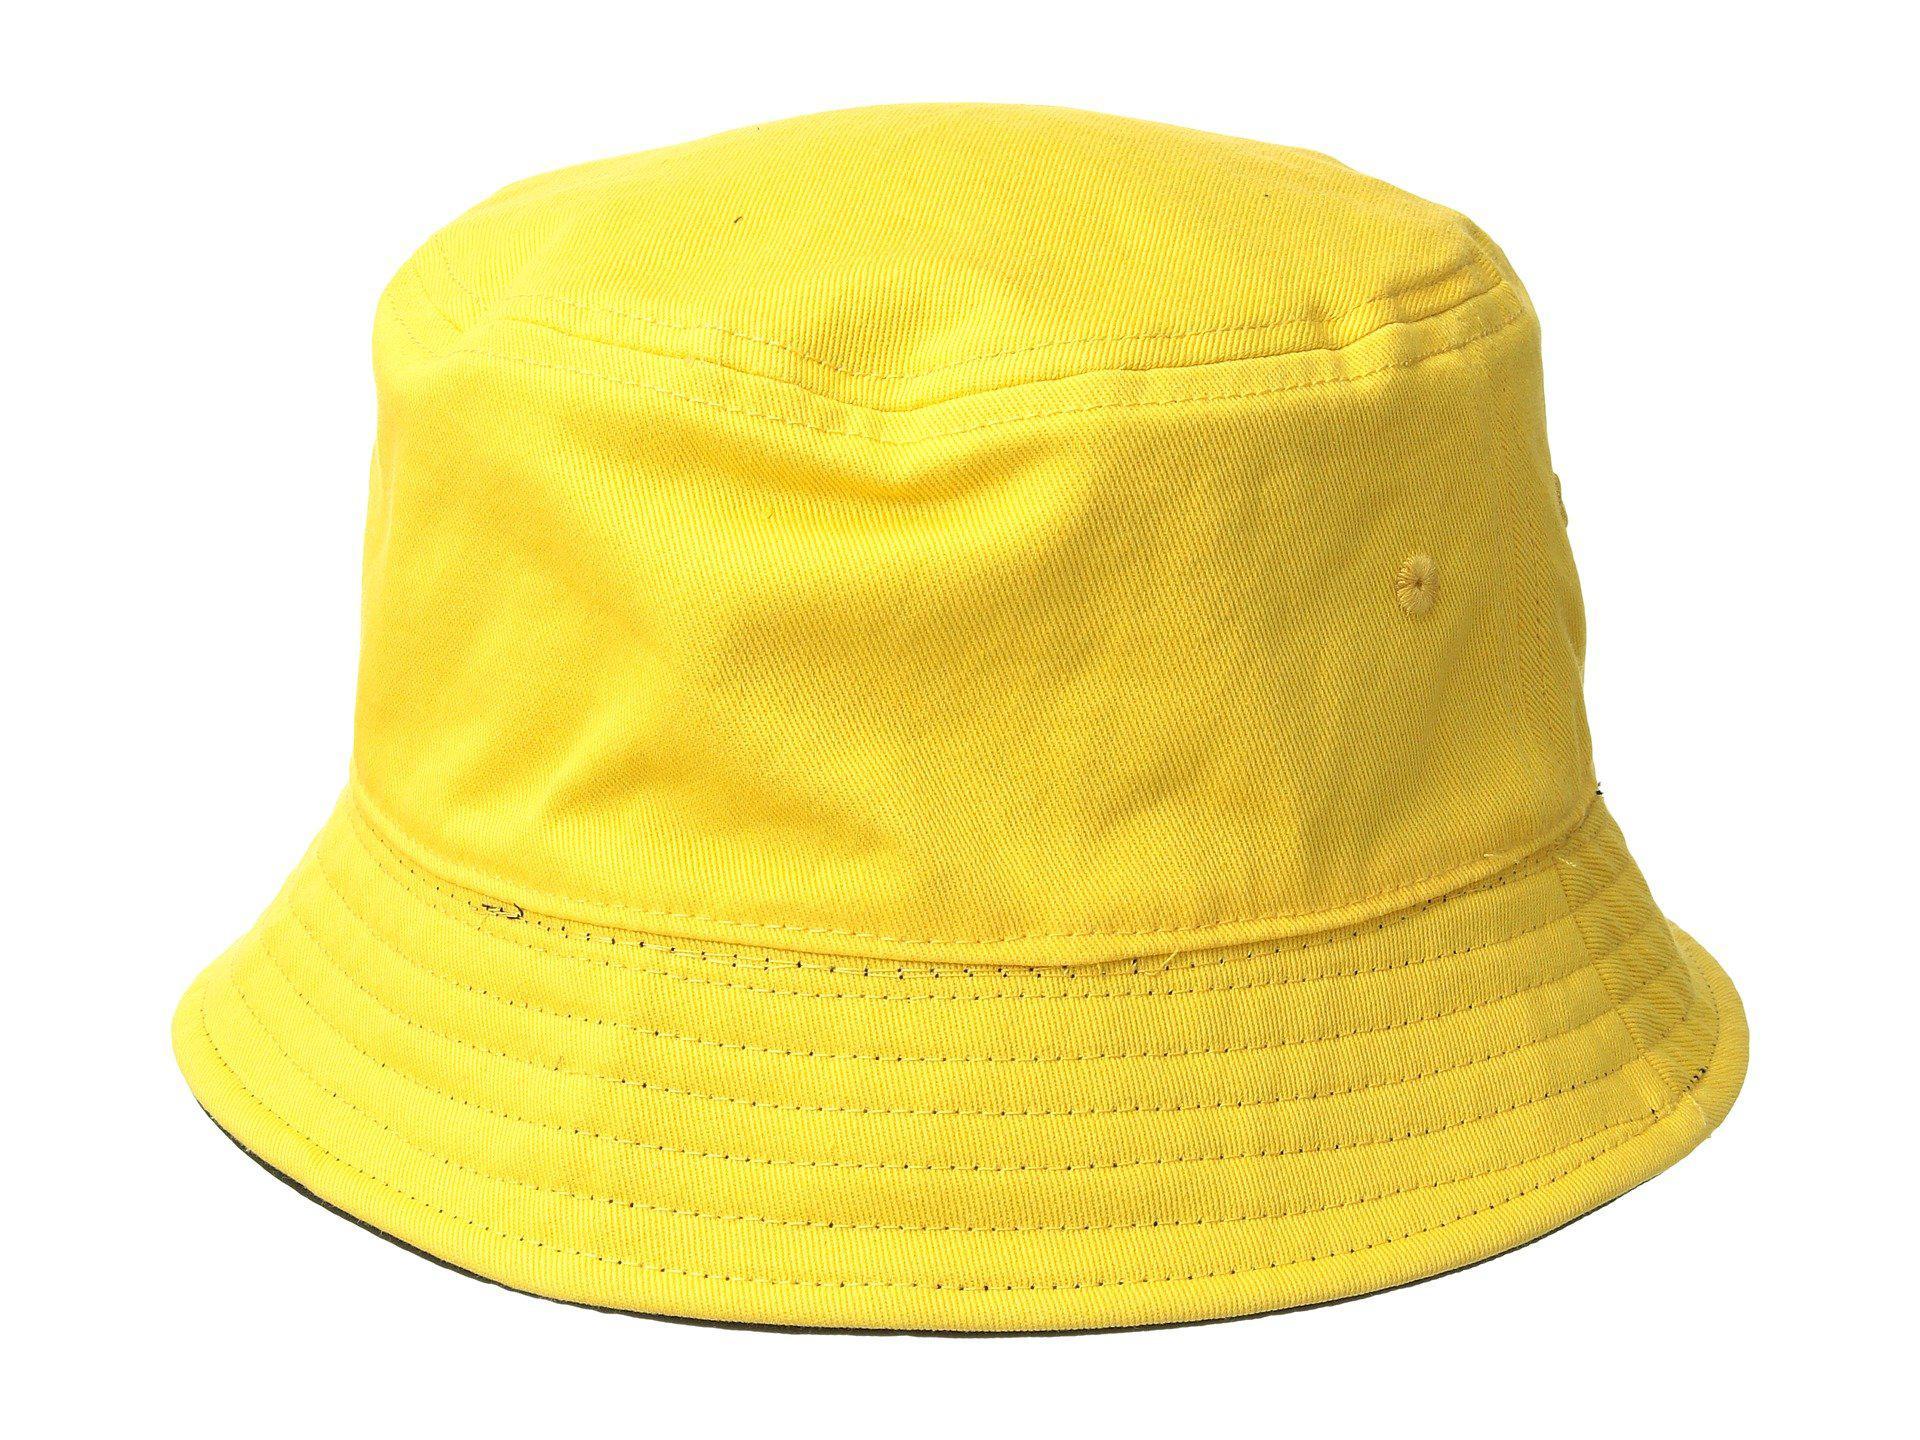 003e43345 Men's Yellow Ripped Otw(r) Bucket Hat (lemon Chrome/black Reversible)  Bucket Caps